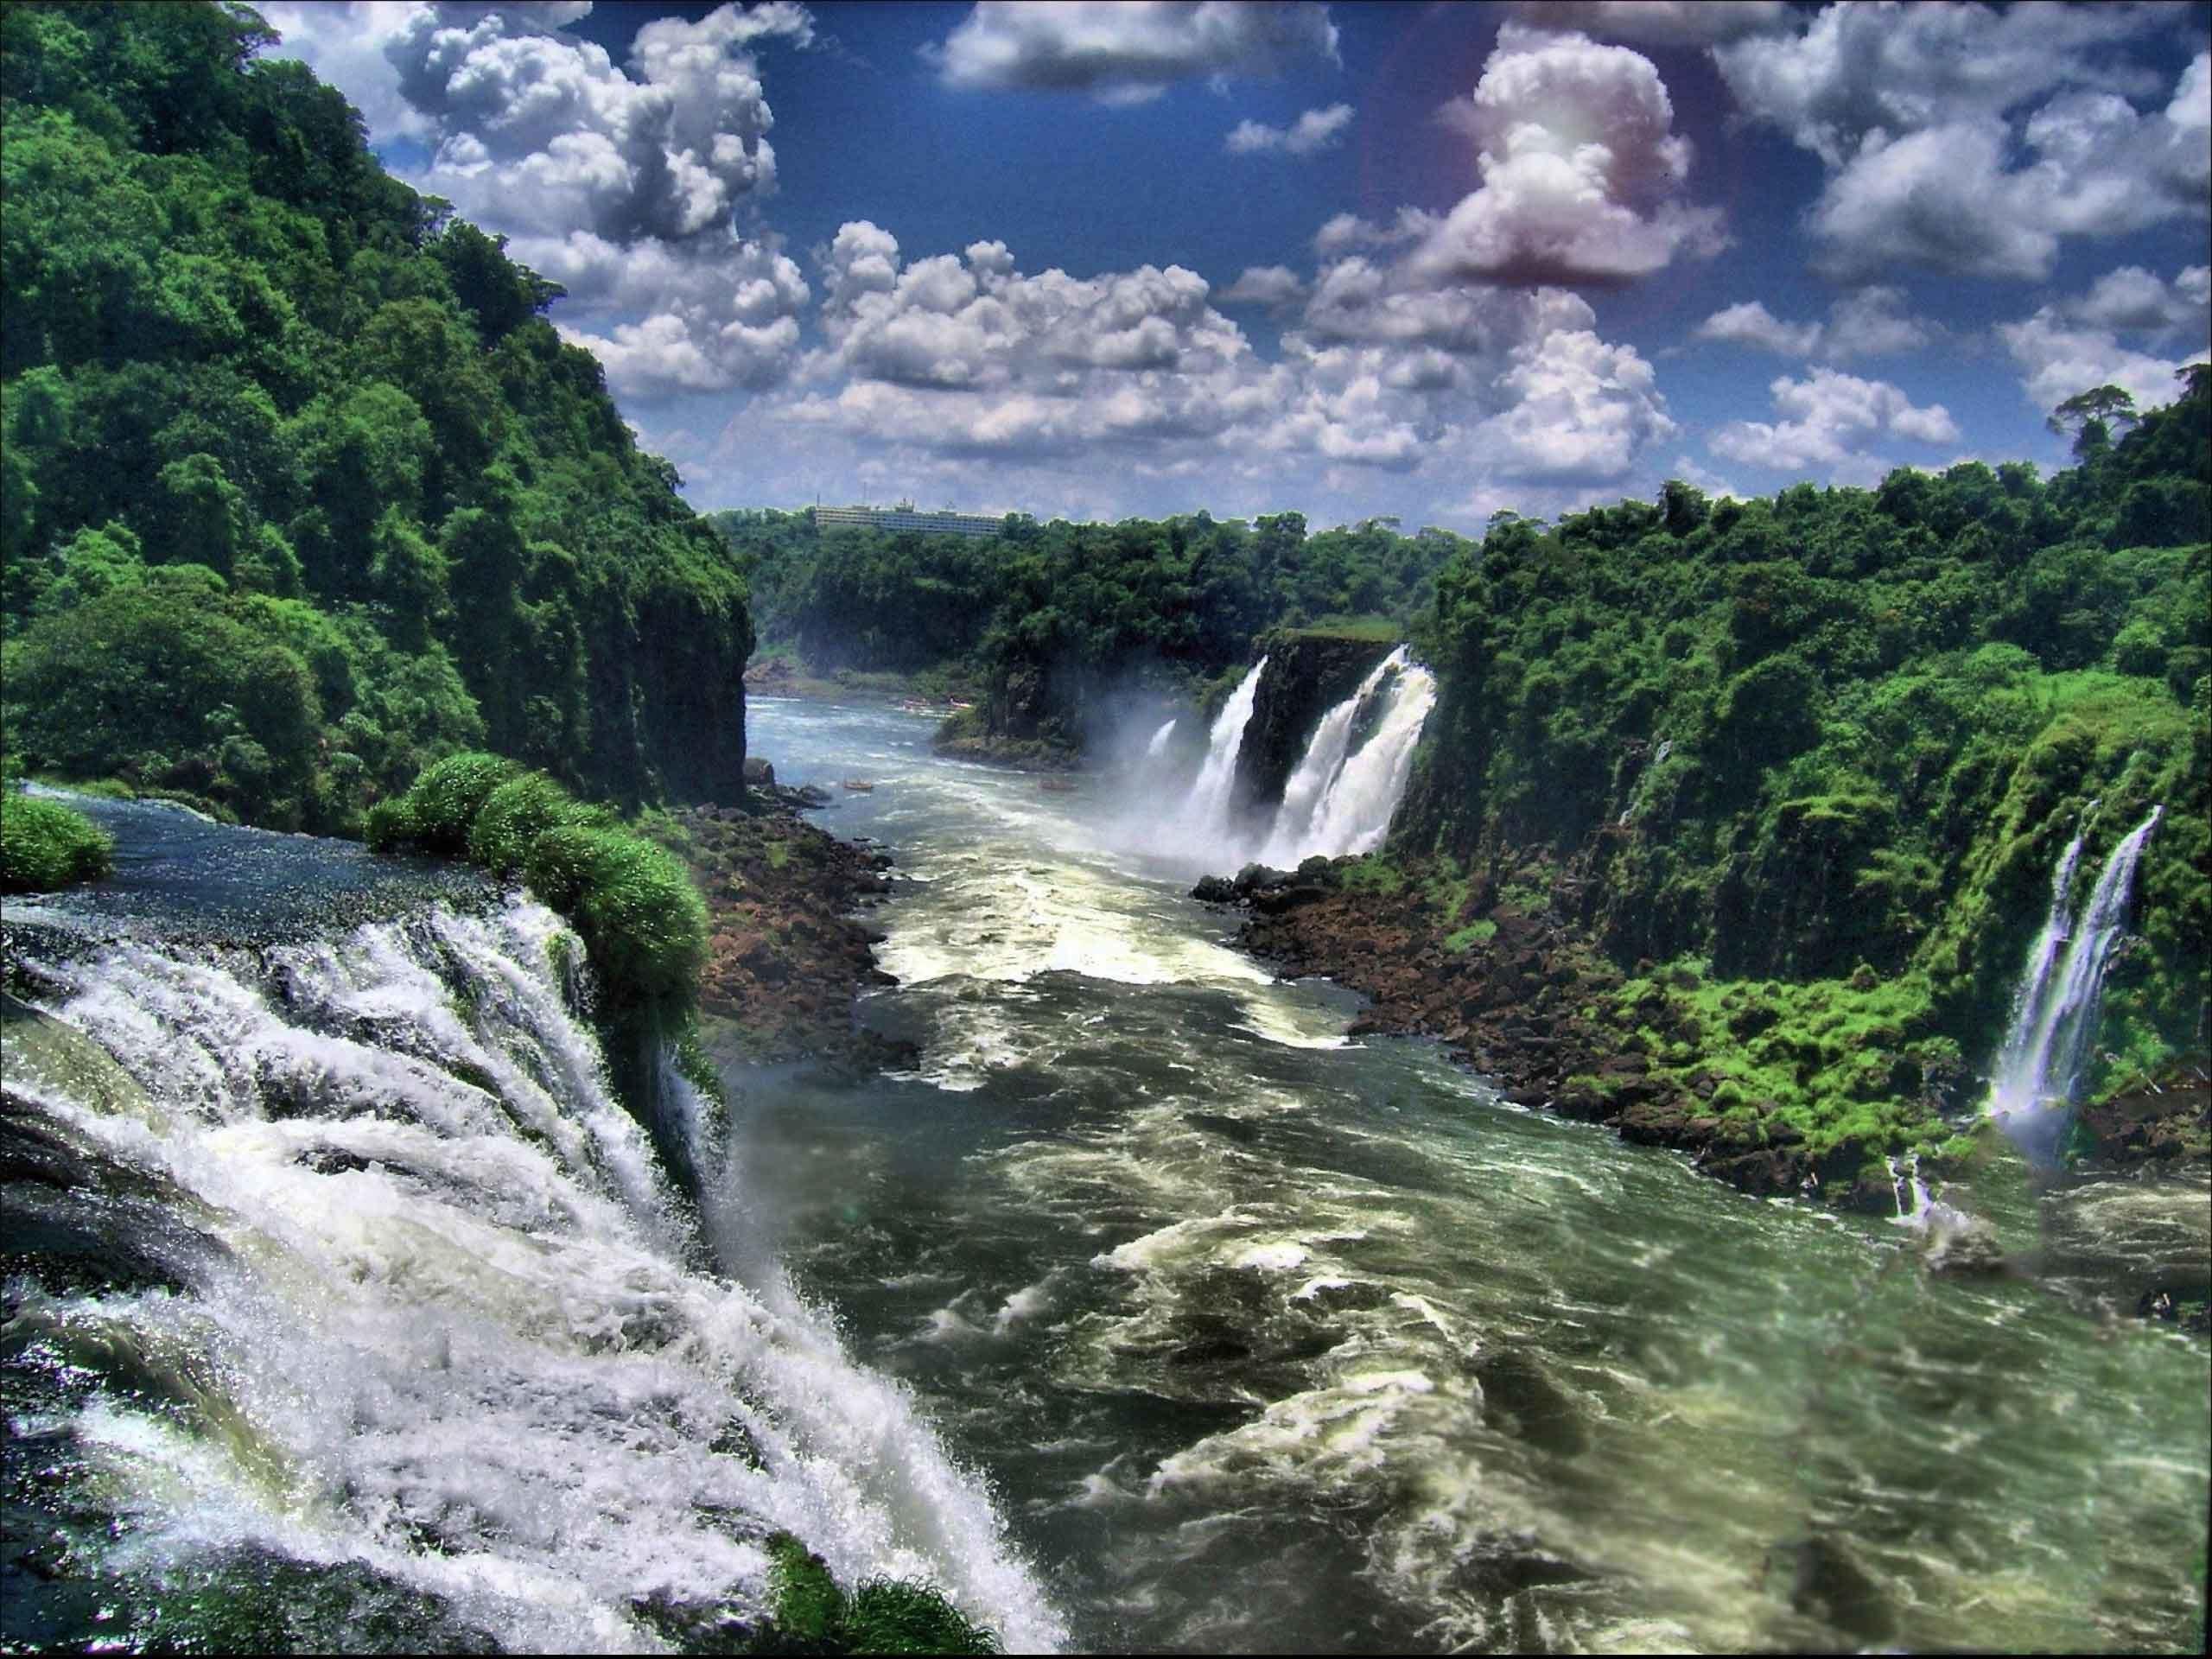 Iguazu Falls Desktop Wallpaper Iguazu Falls Wallpaper 61 Images